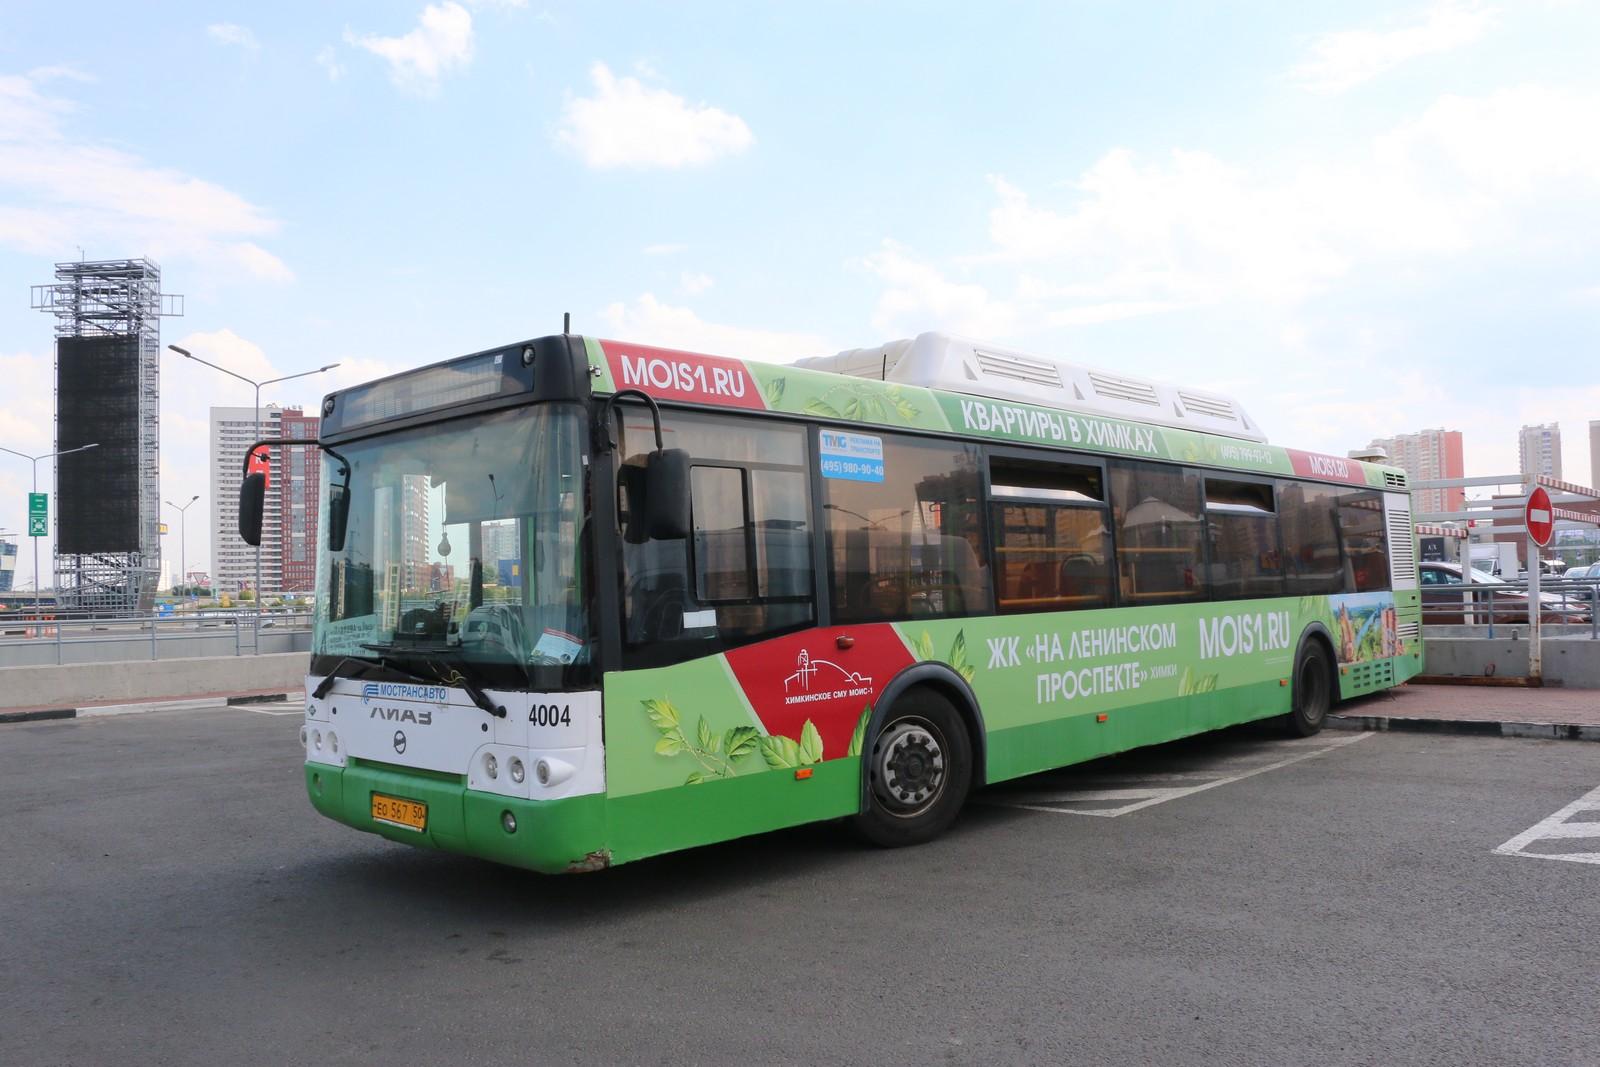 """Размещение рекламы на общественном транспорте для """"MOIS1.RU"""""""